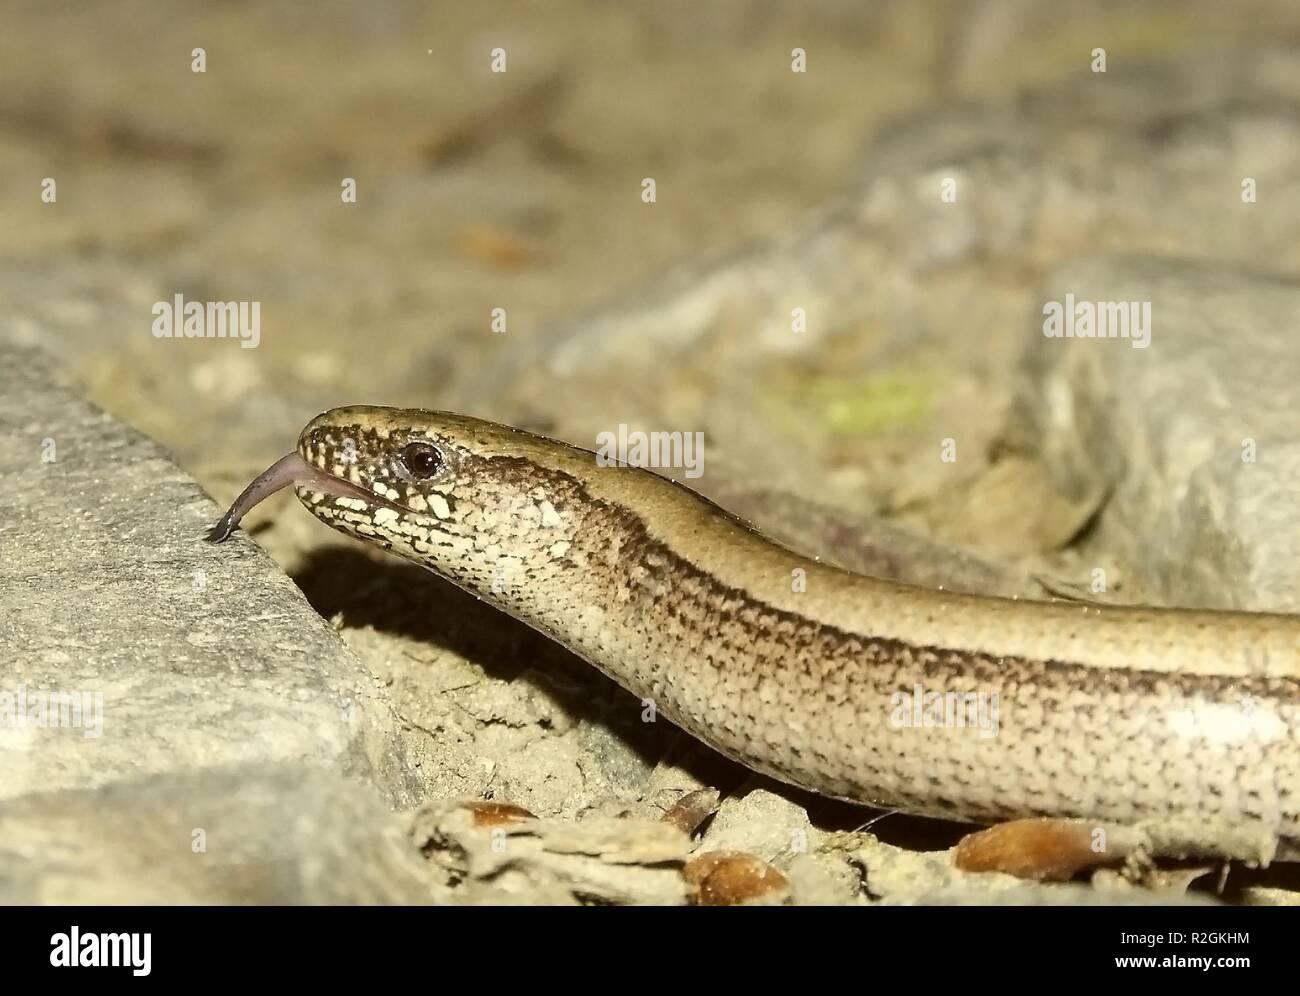 licking slowworm - Stock Image